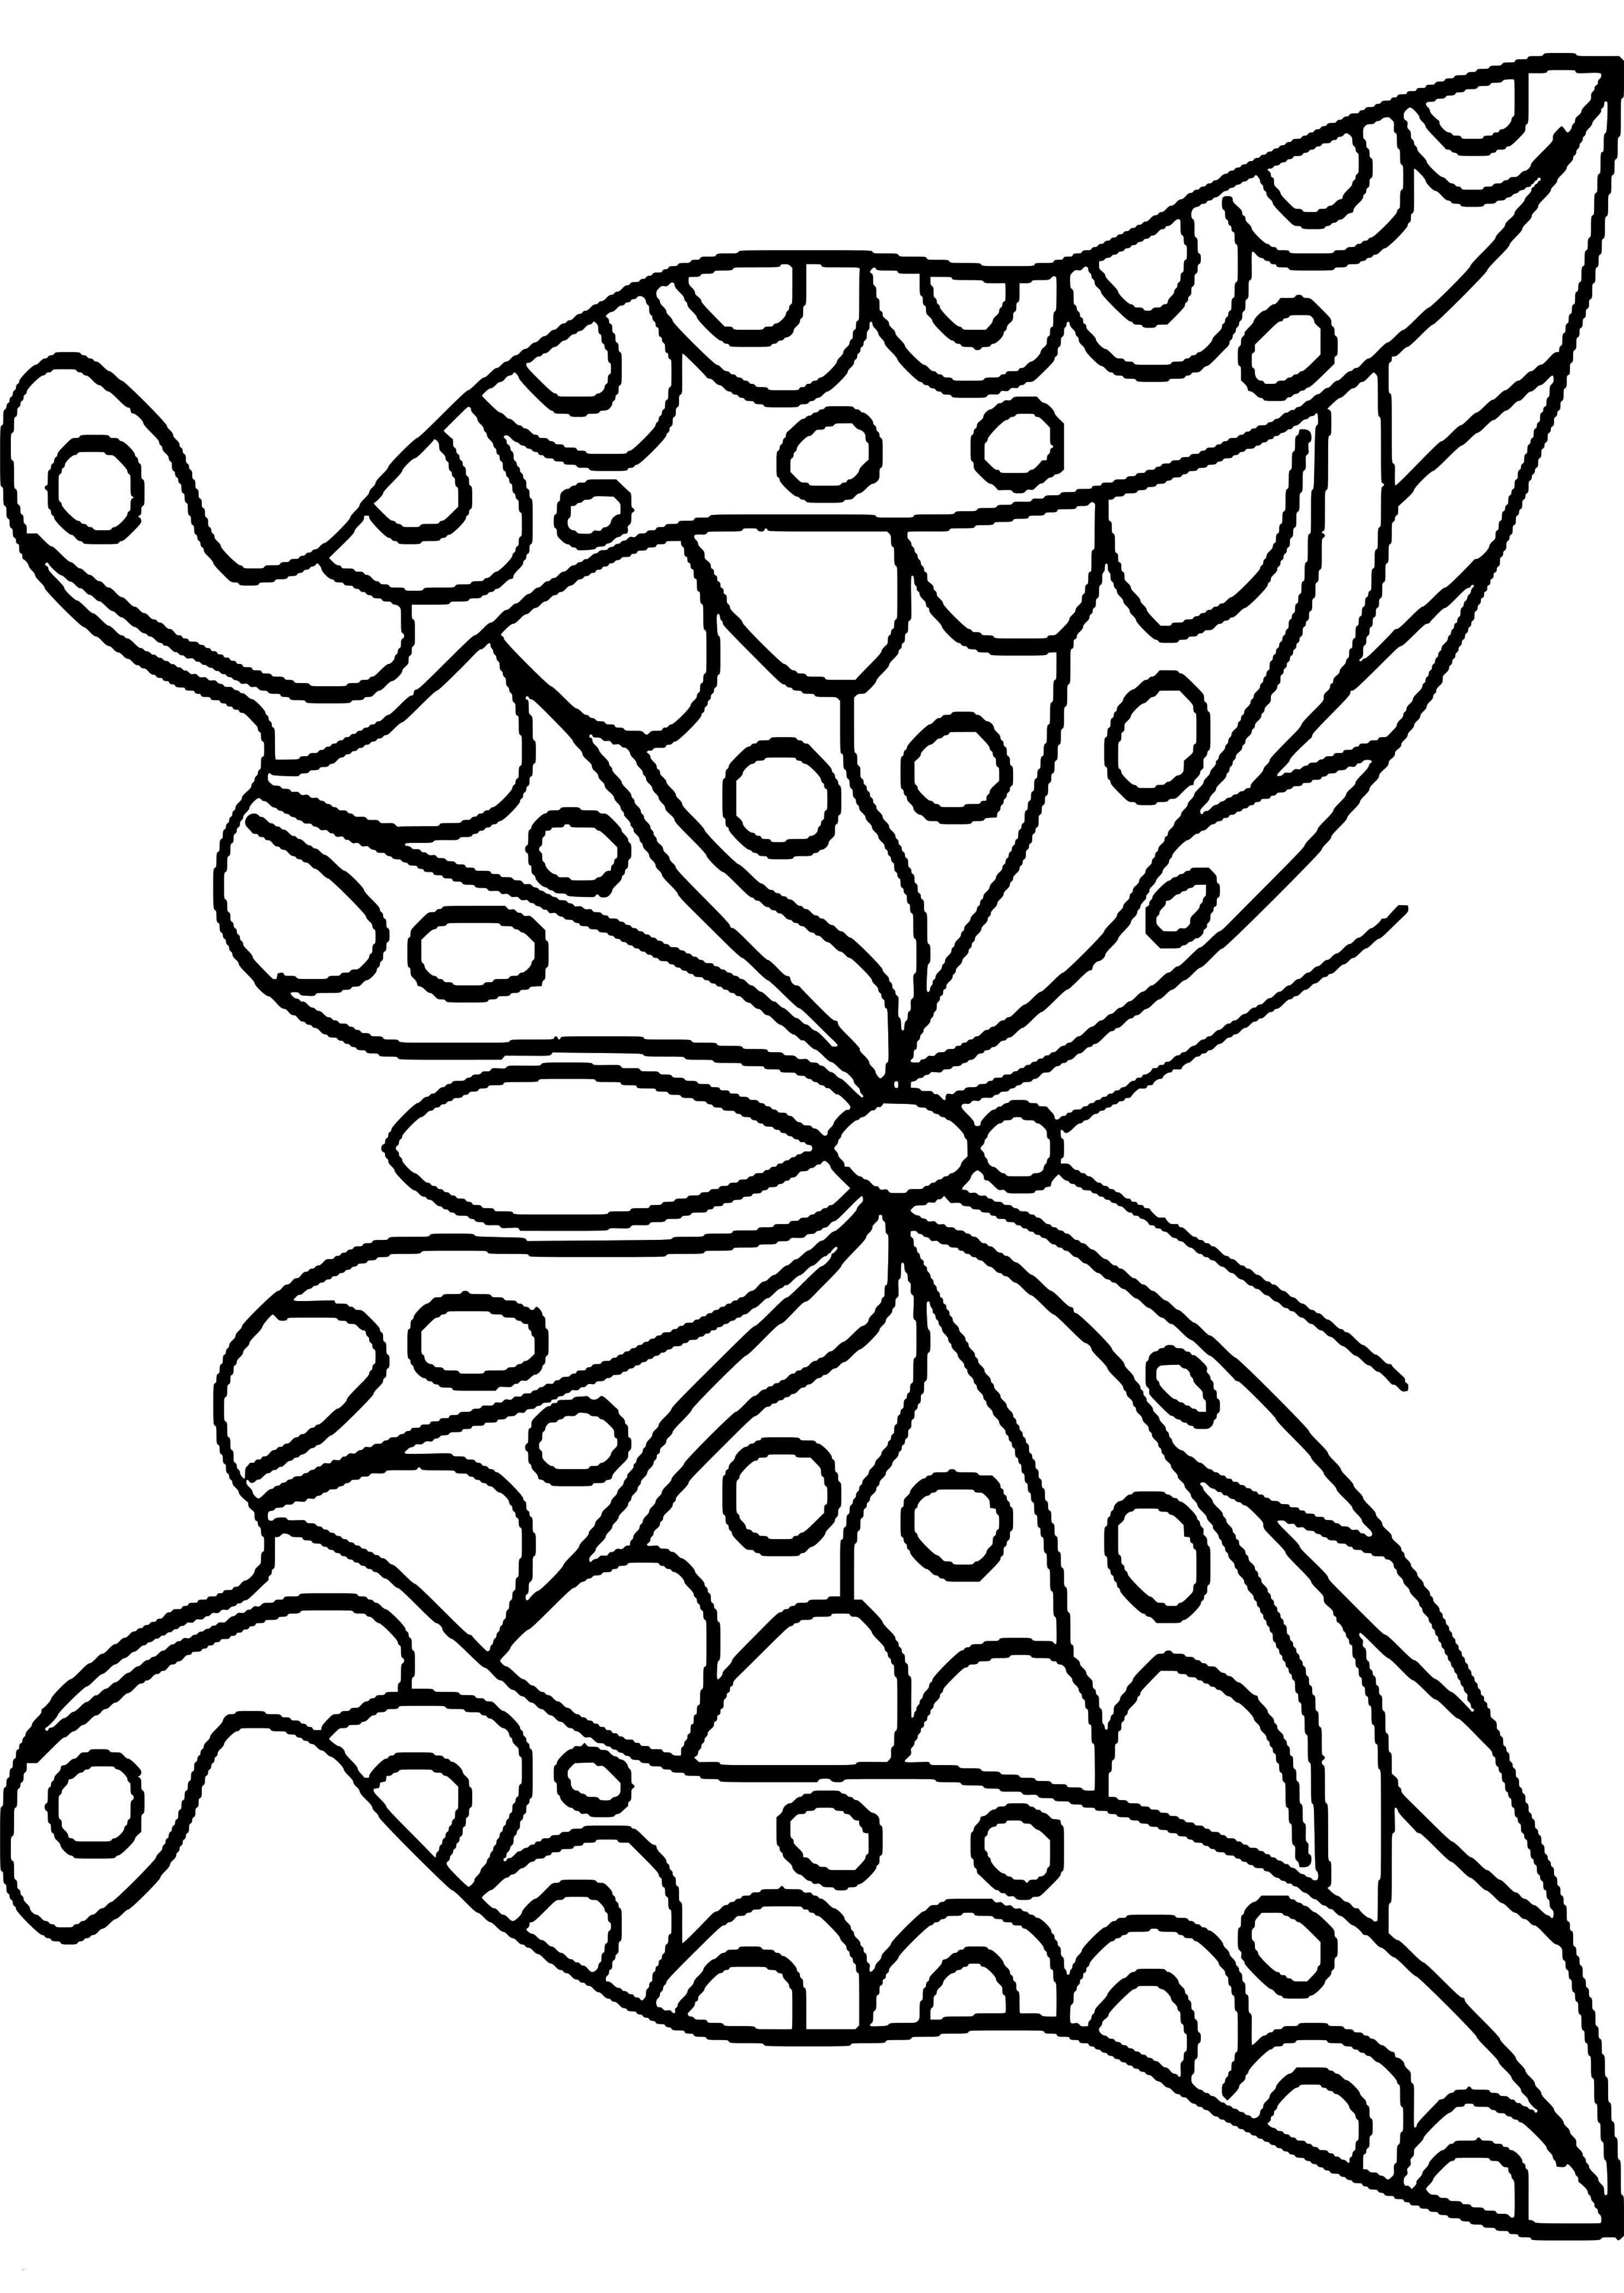 Schmetterling Mit Blume Zum Ausmalen Einzigartig Malvorlagen Blumen Und Schmetterlinge Fesselnd 35 Ausmalbilder Stock